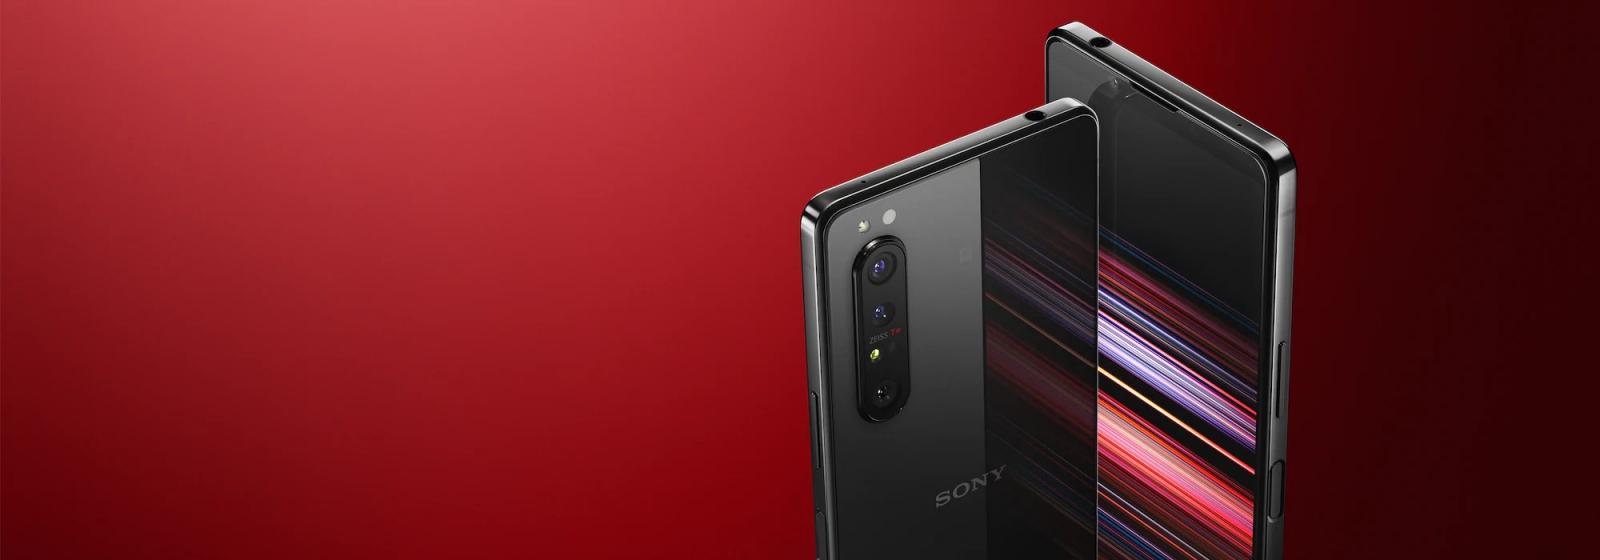 Sony Xperia 1 II (8G/256G)